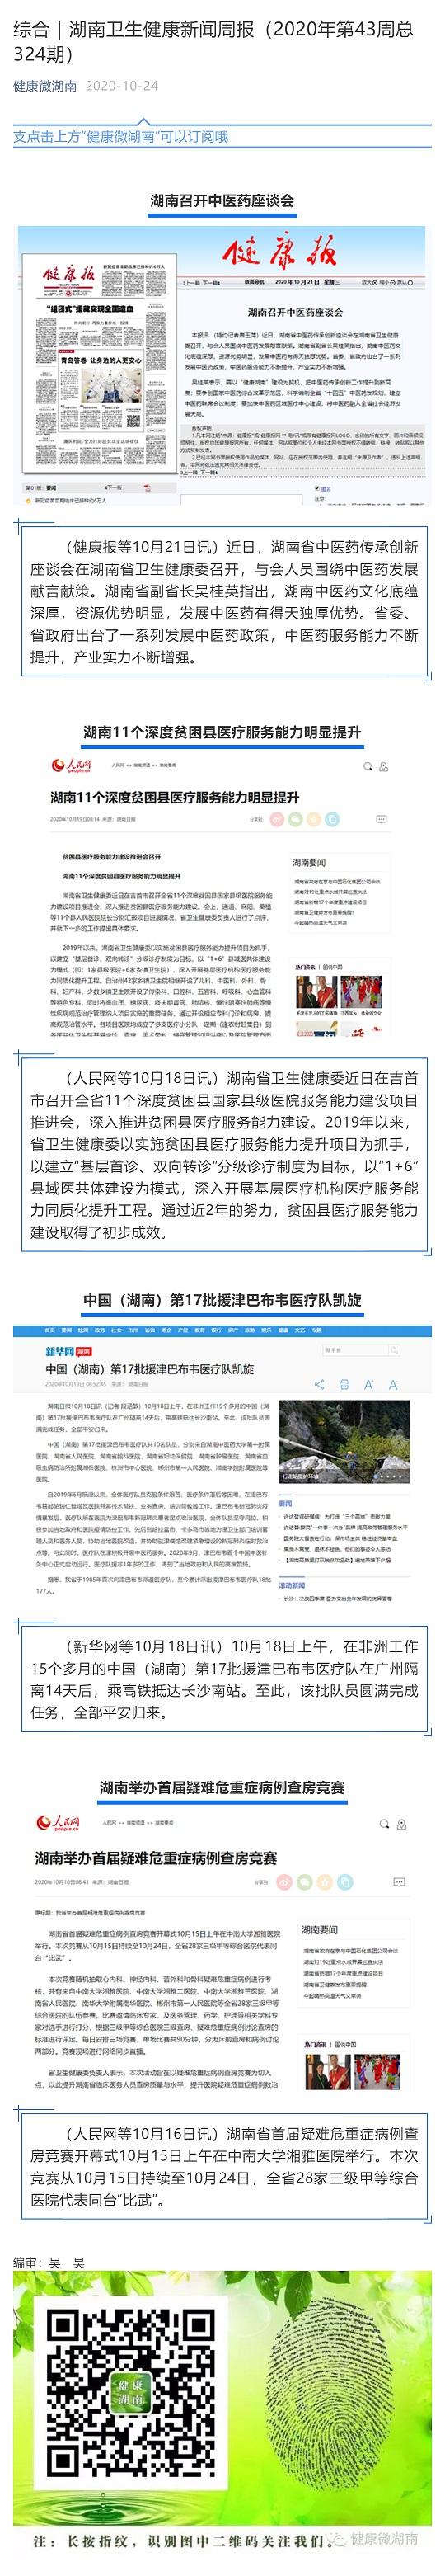 综合|湖南卫生健康新闻周报(2020年第43周总324期)_壹伴长图1.jpg